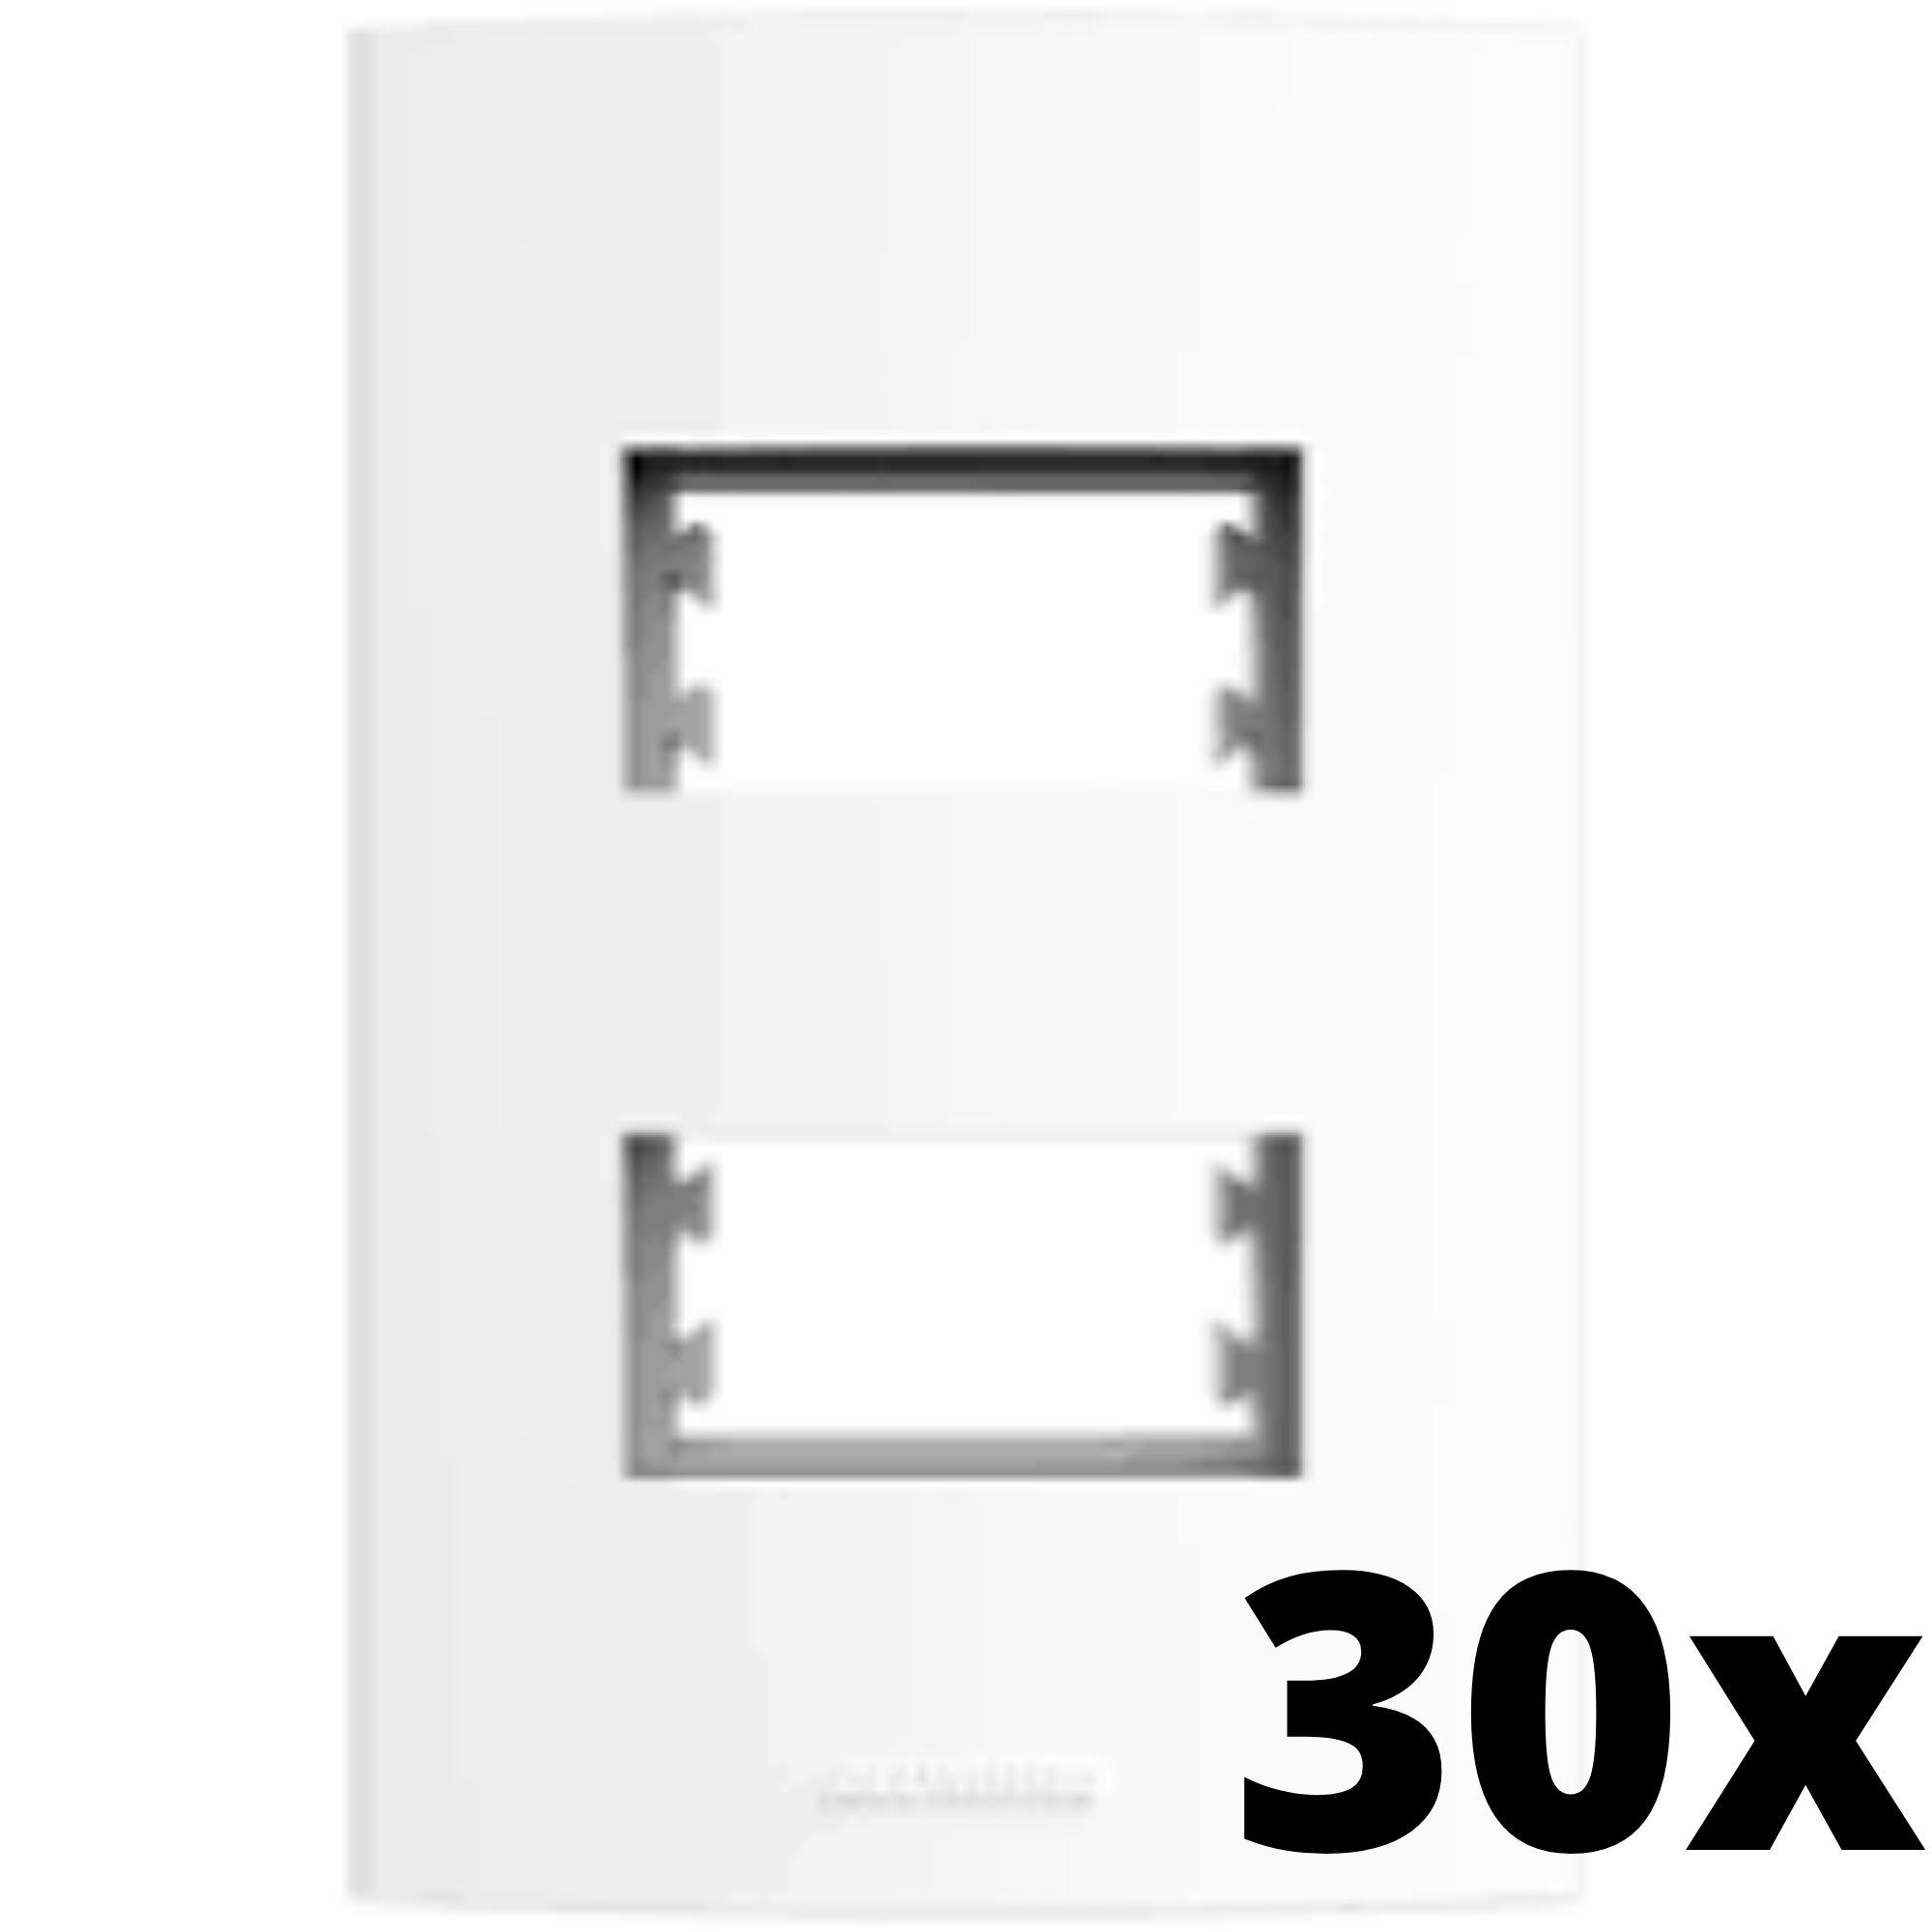 Kit 30 und Alumbra Bianco Pró Placa 4x2 2 Seções Distanciadas